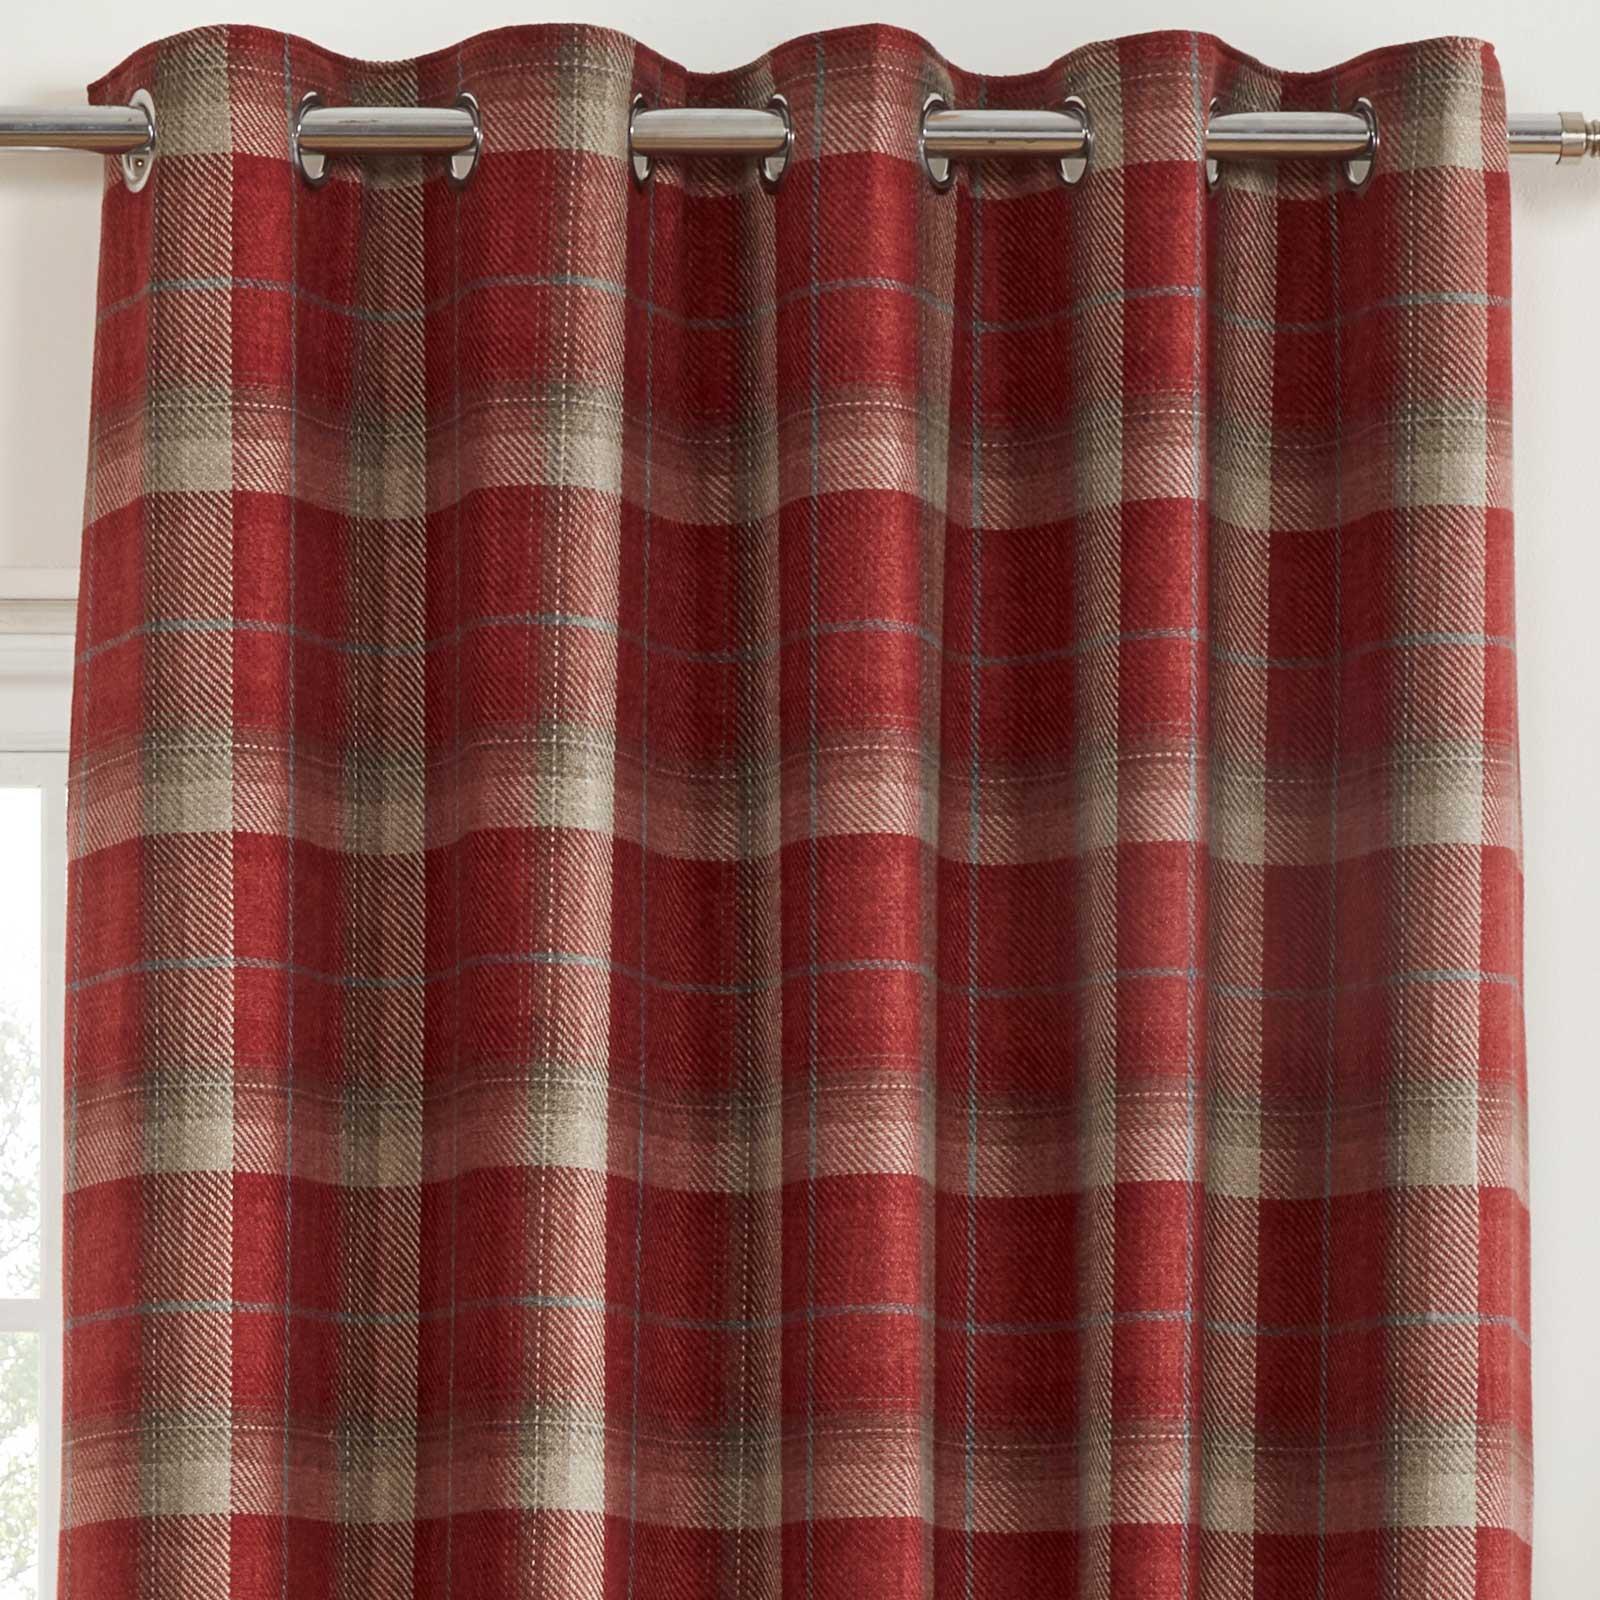 Cortinas-DE-ORIFICIOS-Rojo-Blackout-Tartan-Check-Ready-Made-acogedor-Anillo-Superior-Cortina-Pares miniatura 11